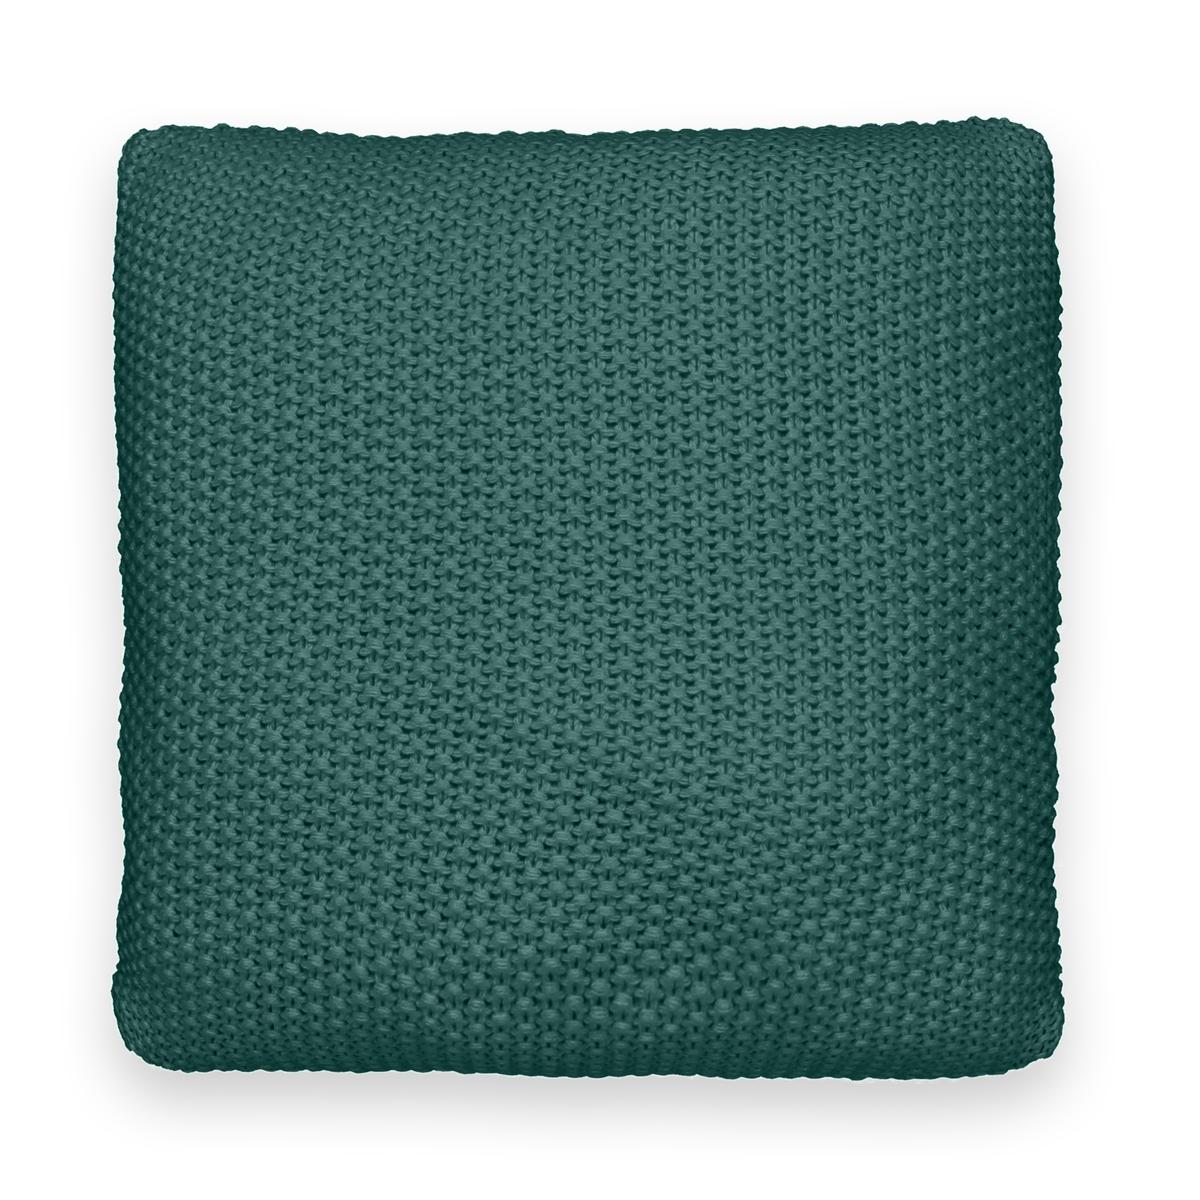 Фото - Чехол на подушку-валик из трикотажа WESTPORT чехол на подушку валик tasuna